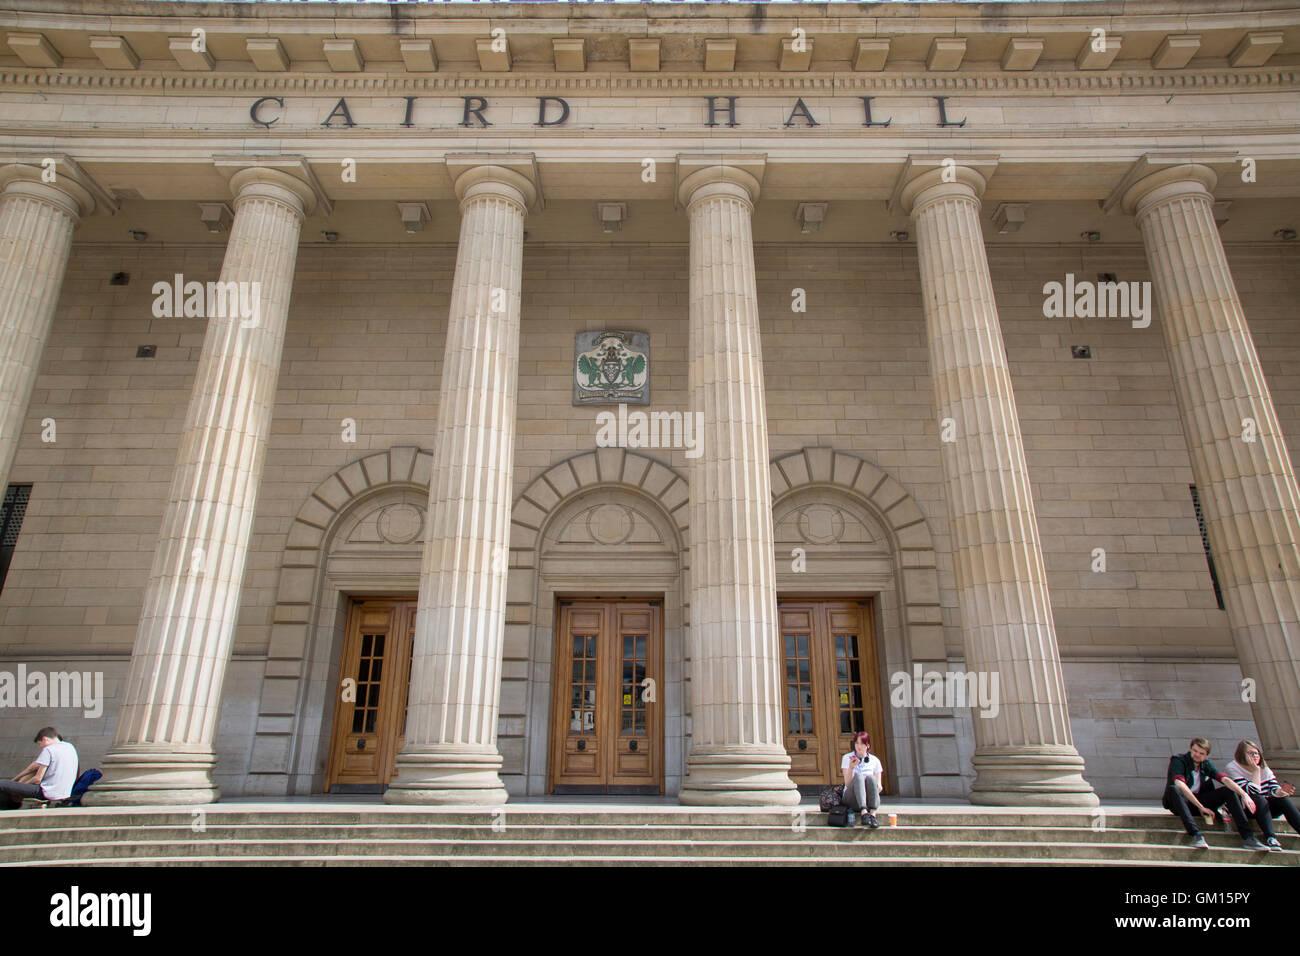 Caird Hall, Dundee; Scotland; UK - Stock Image